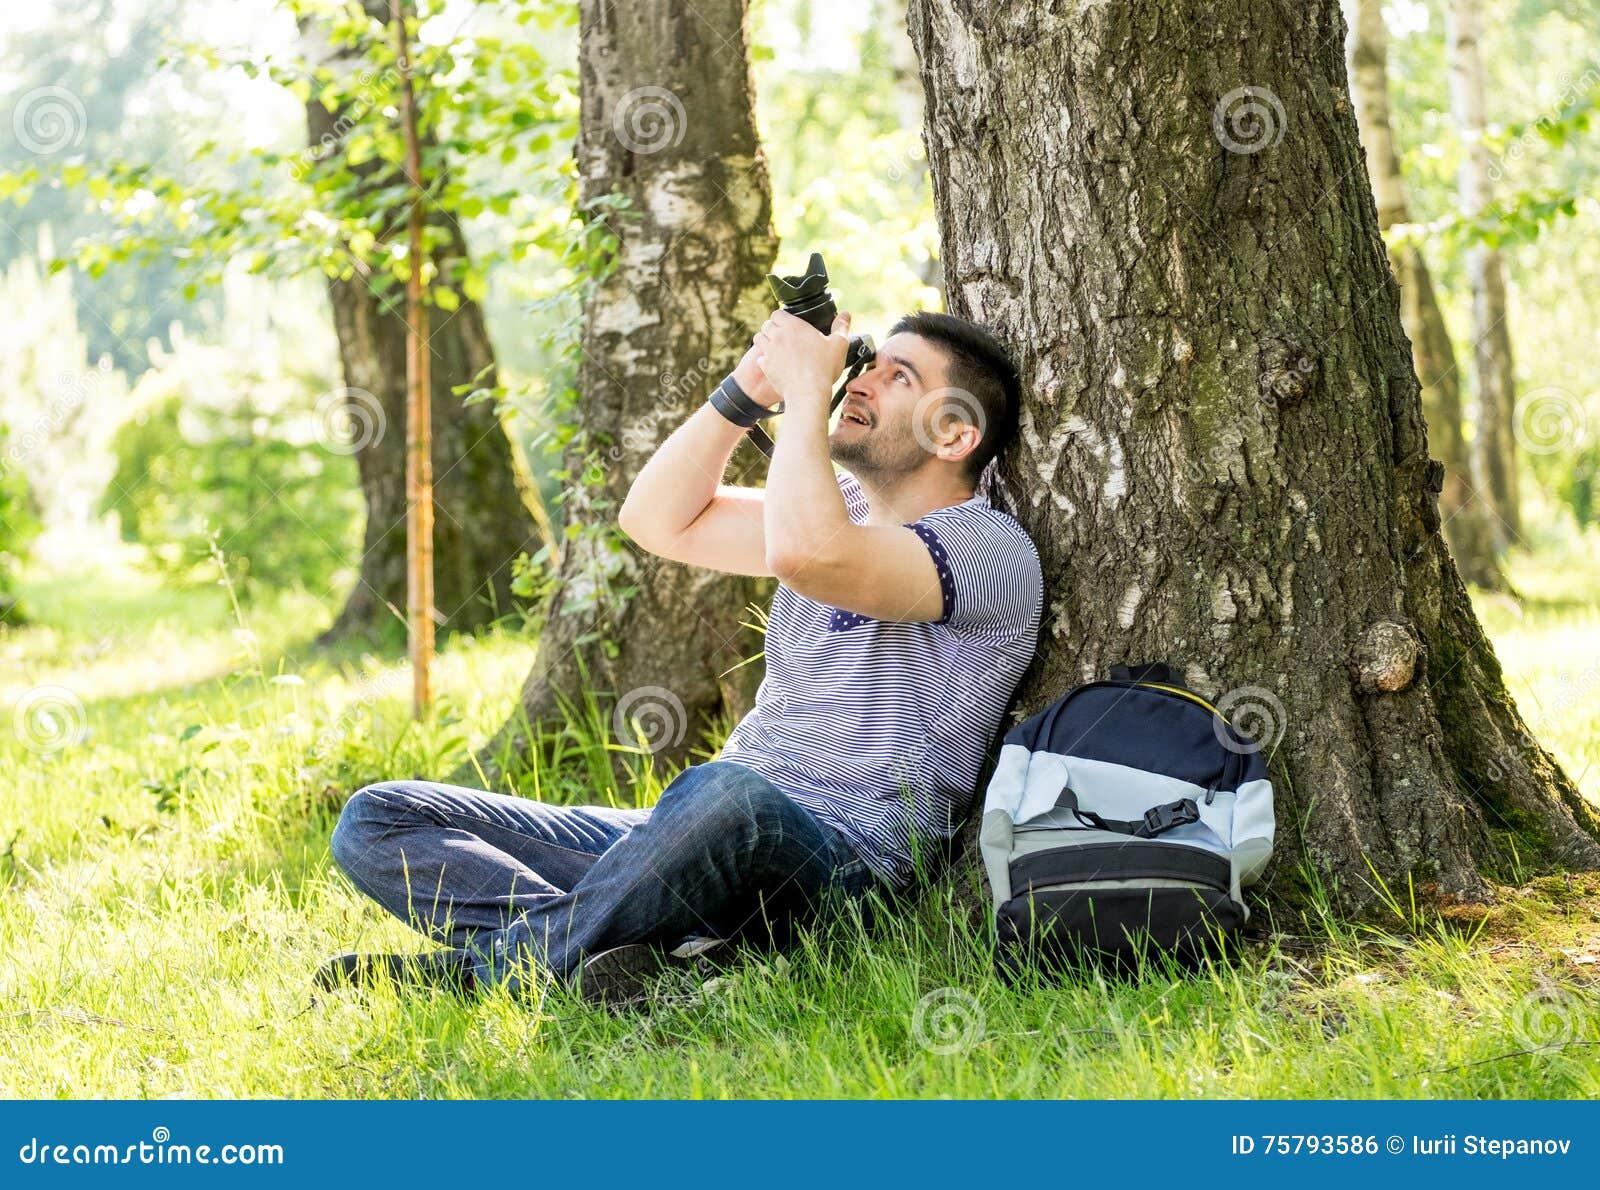 Fotógrafo de sexo masculino joven que fotografía la naturaleza el día de  verano